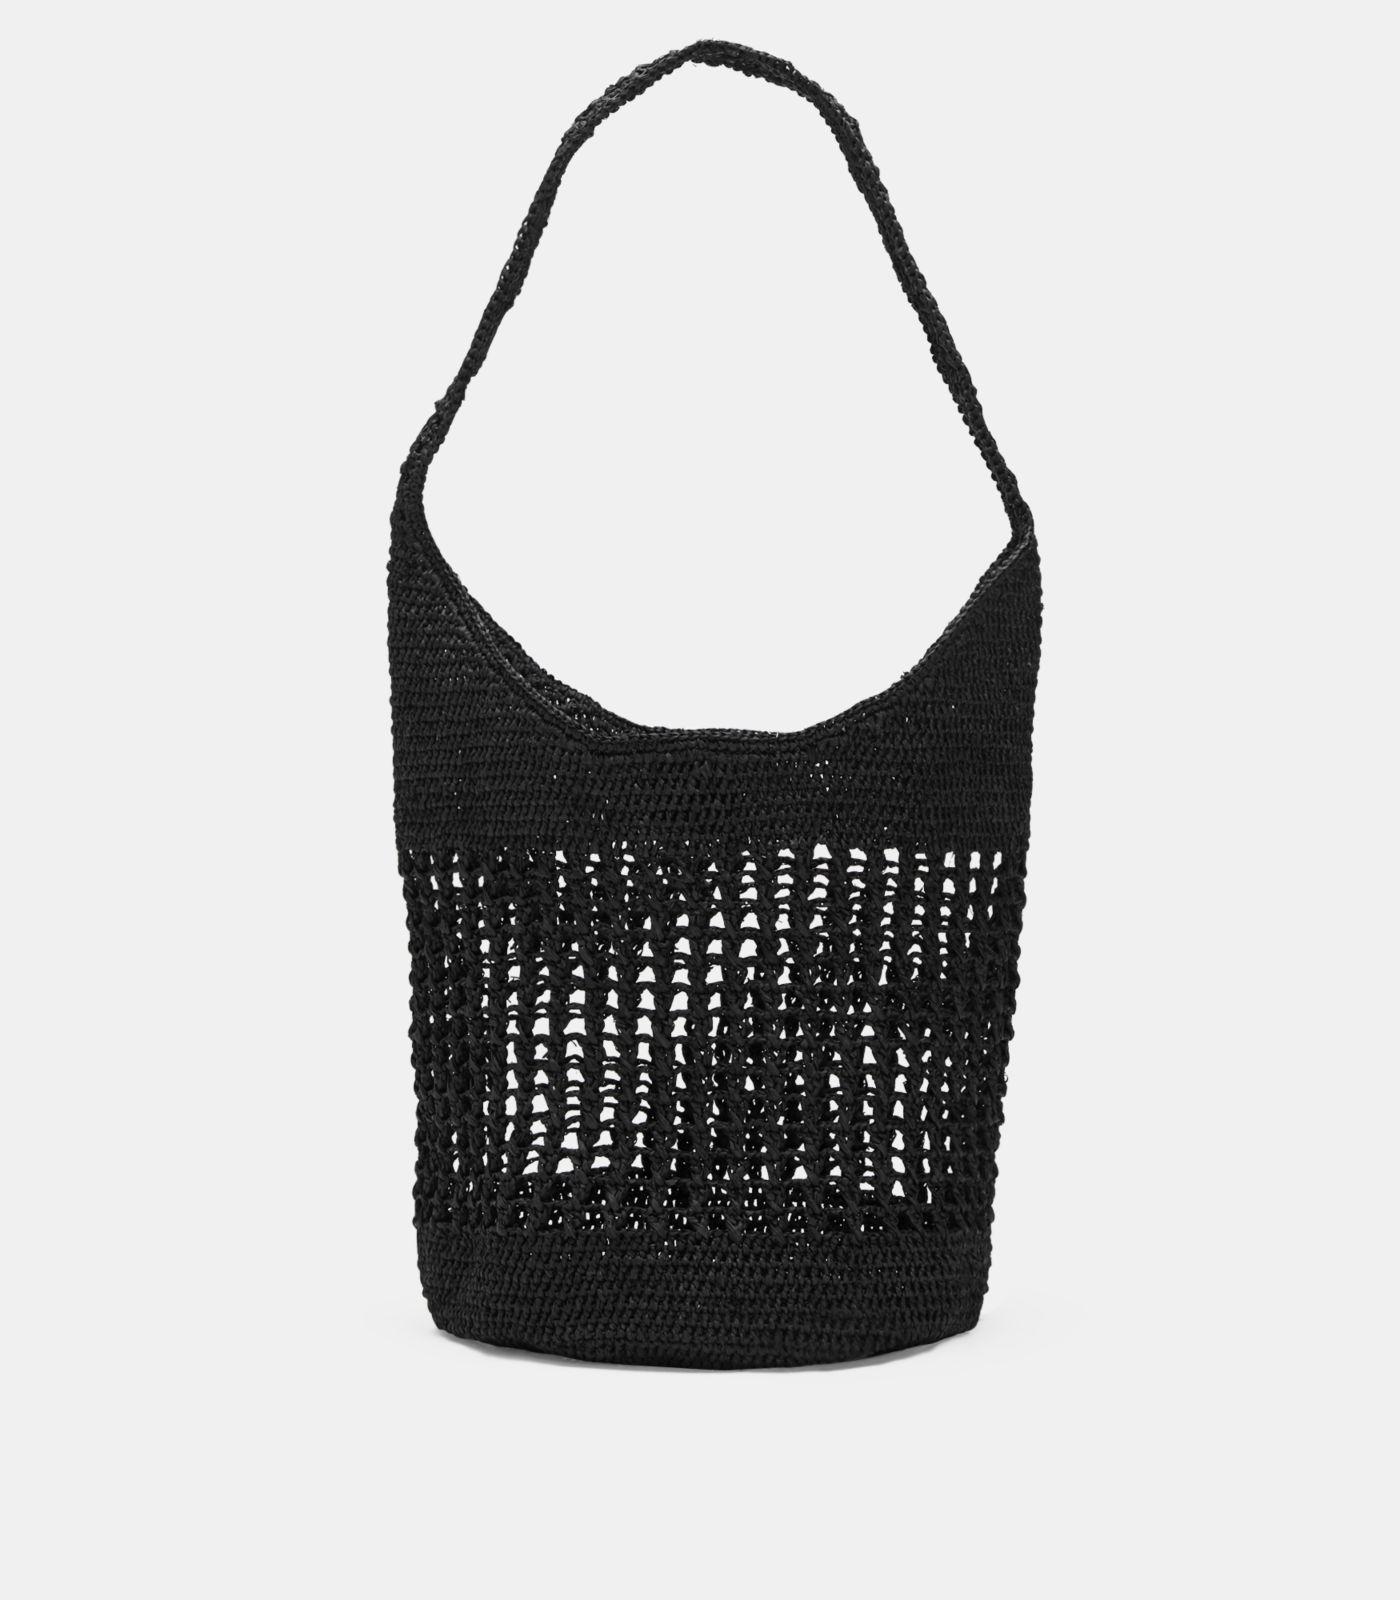 2b76edce33b52 Lyst - Eileen Fisher Mar Y Sol Crocheted Raffia Shoulder Bag in Black